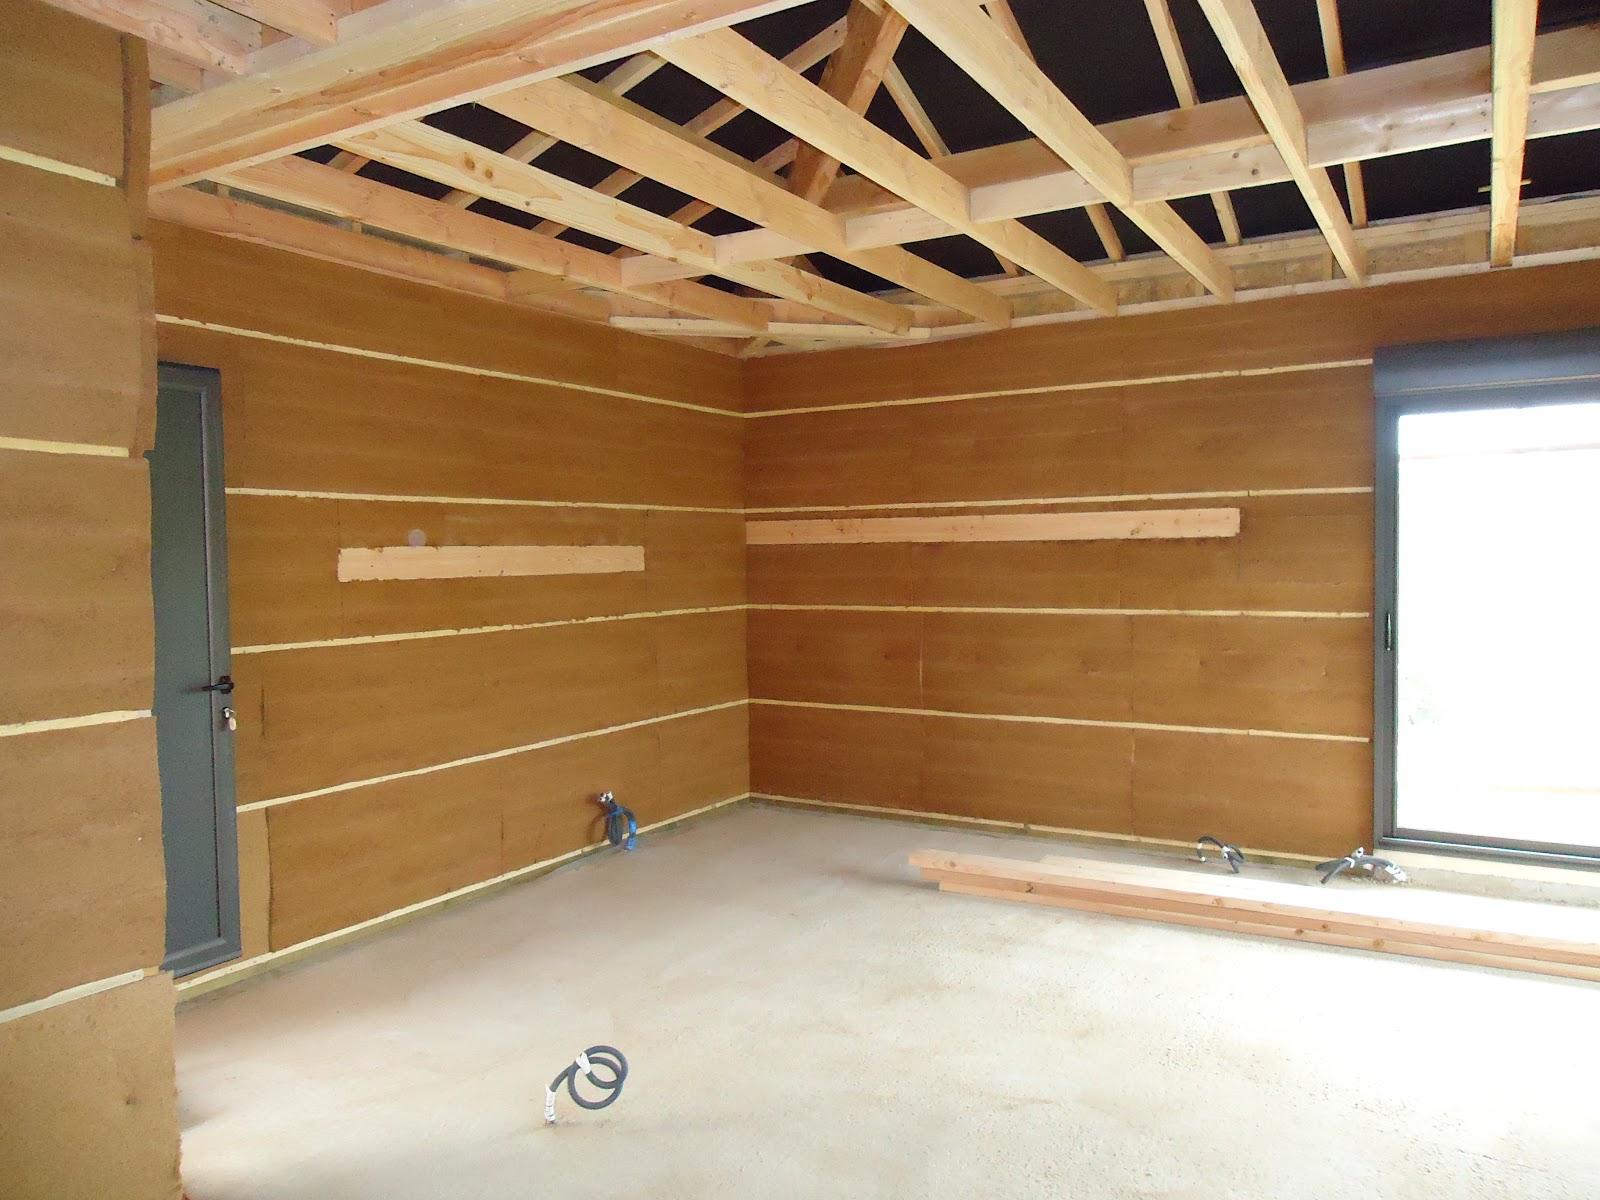 Notre ossature bois aujols nettoyage et placo for Plafond ossature bois